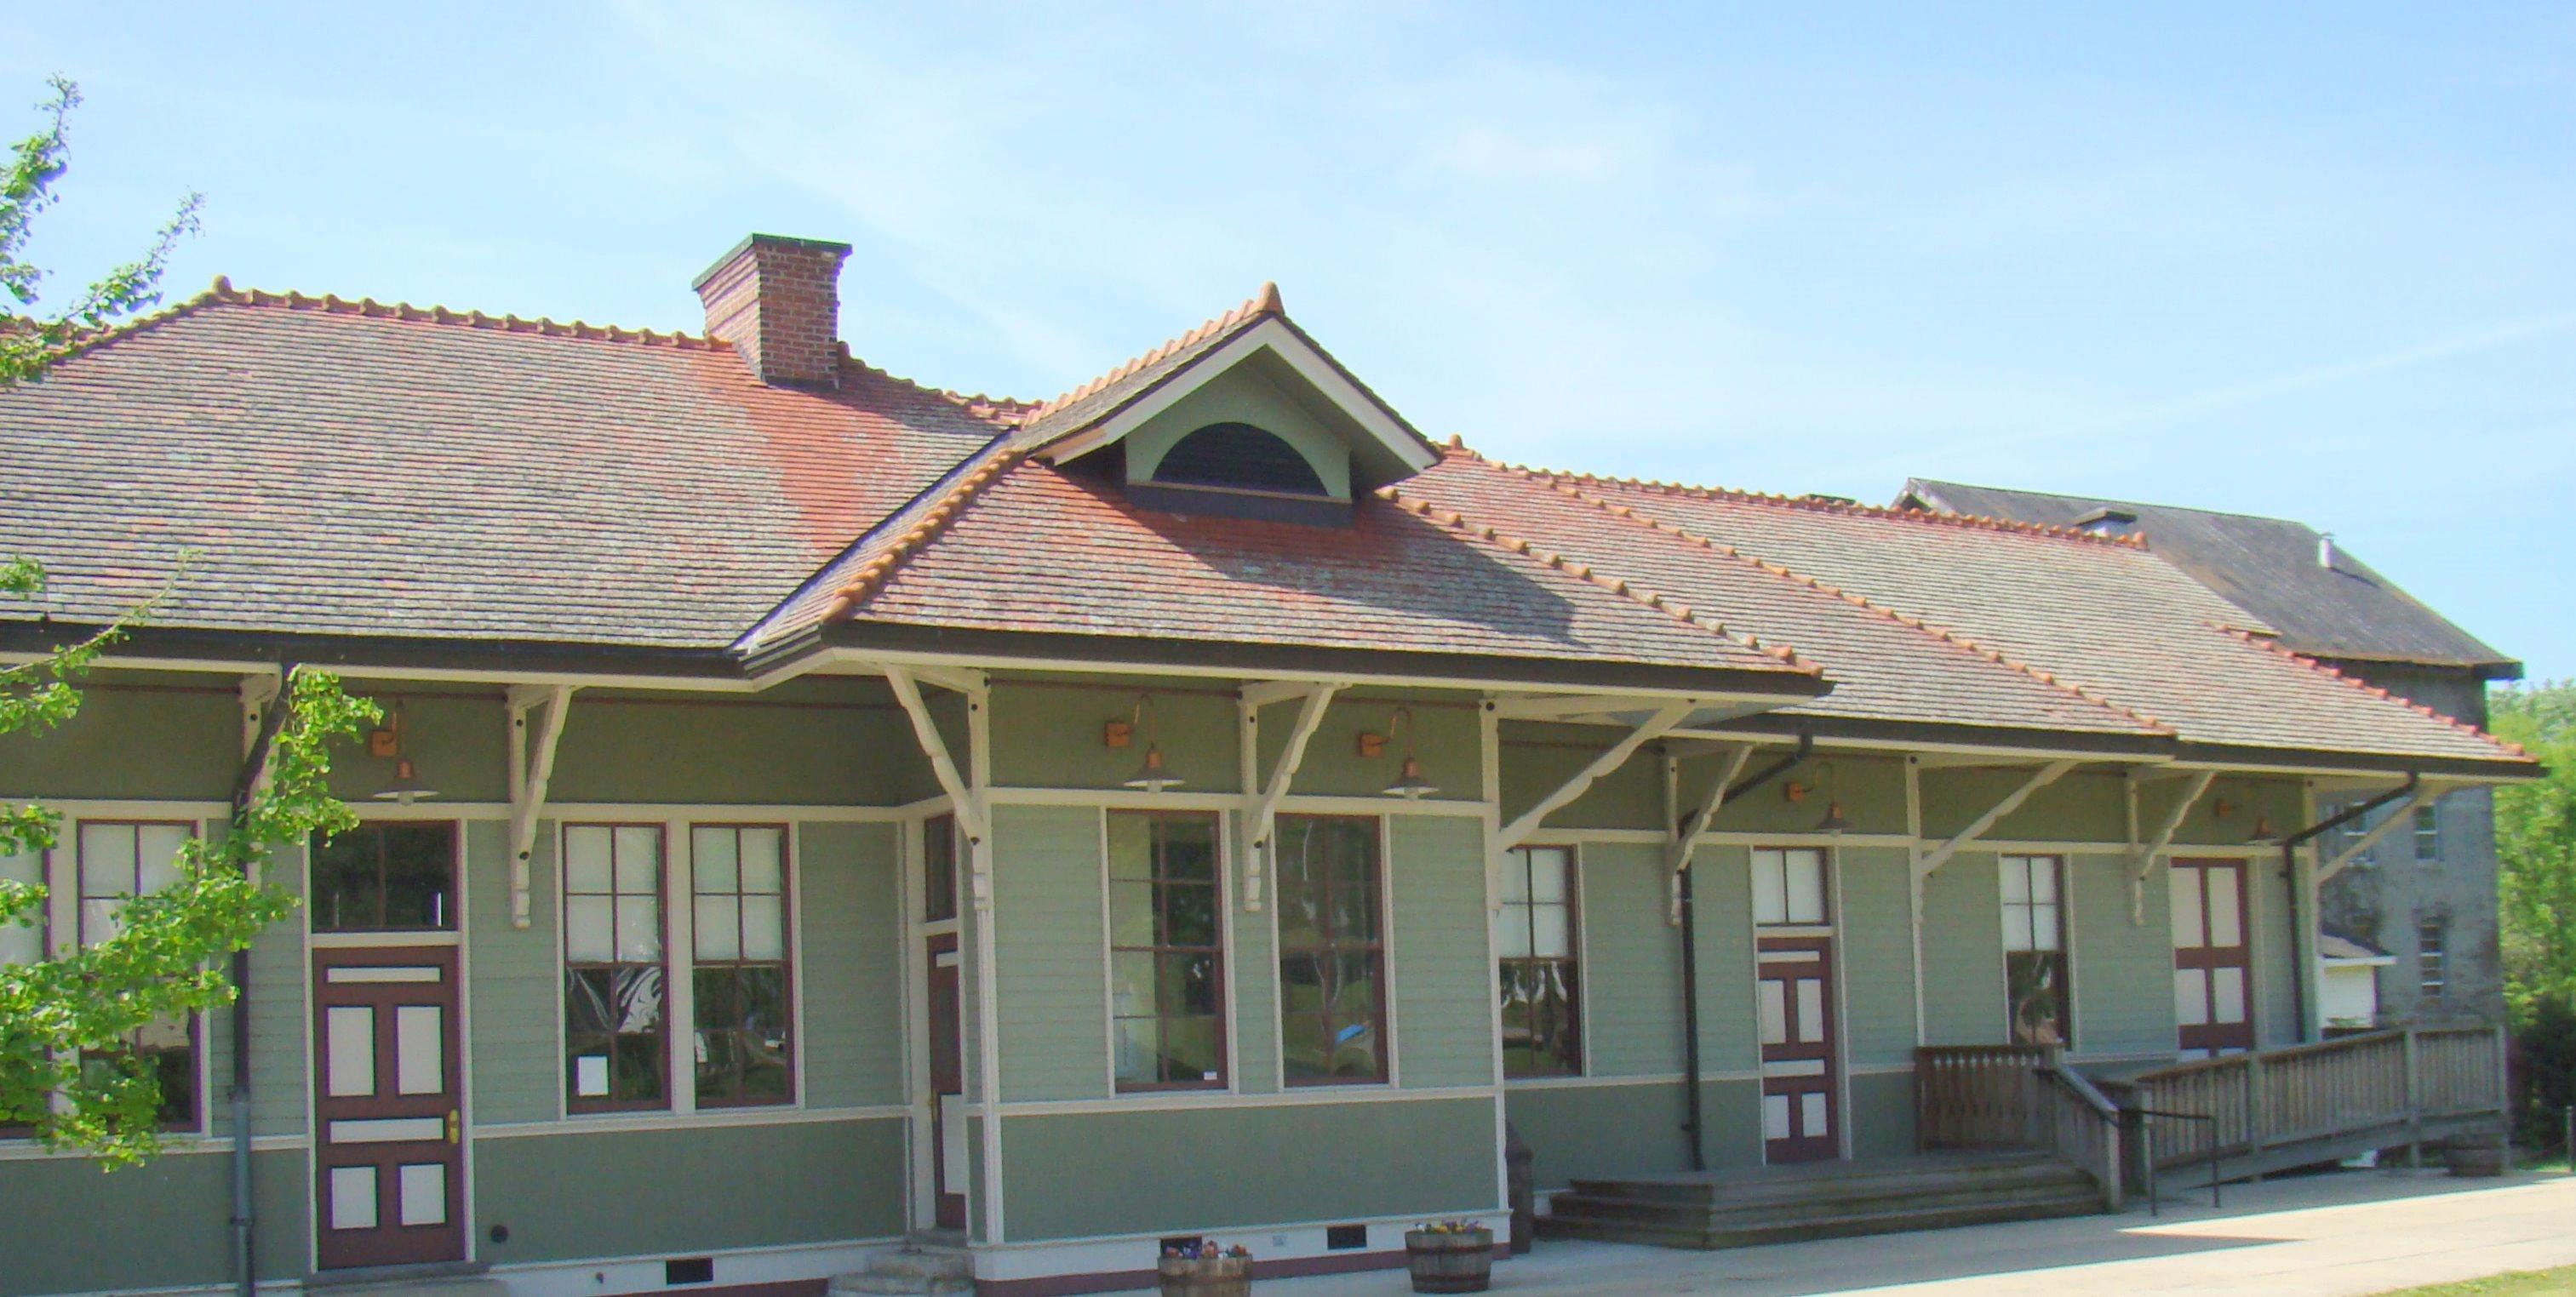 Stanford L&N Railroad Depot - Wikipedia